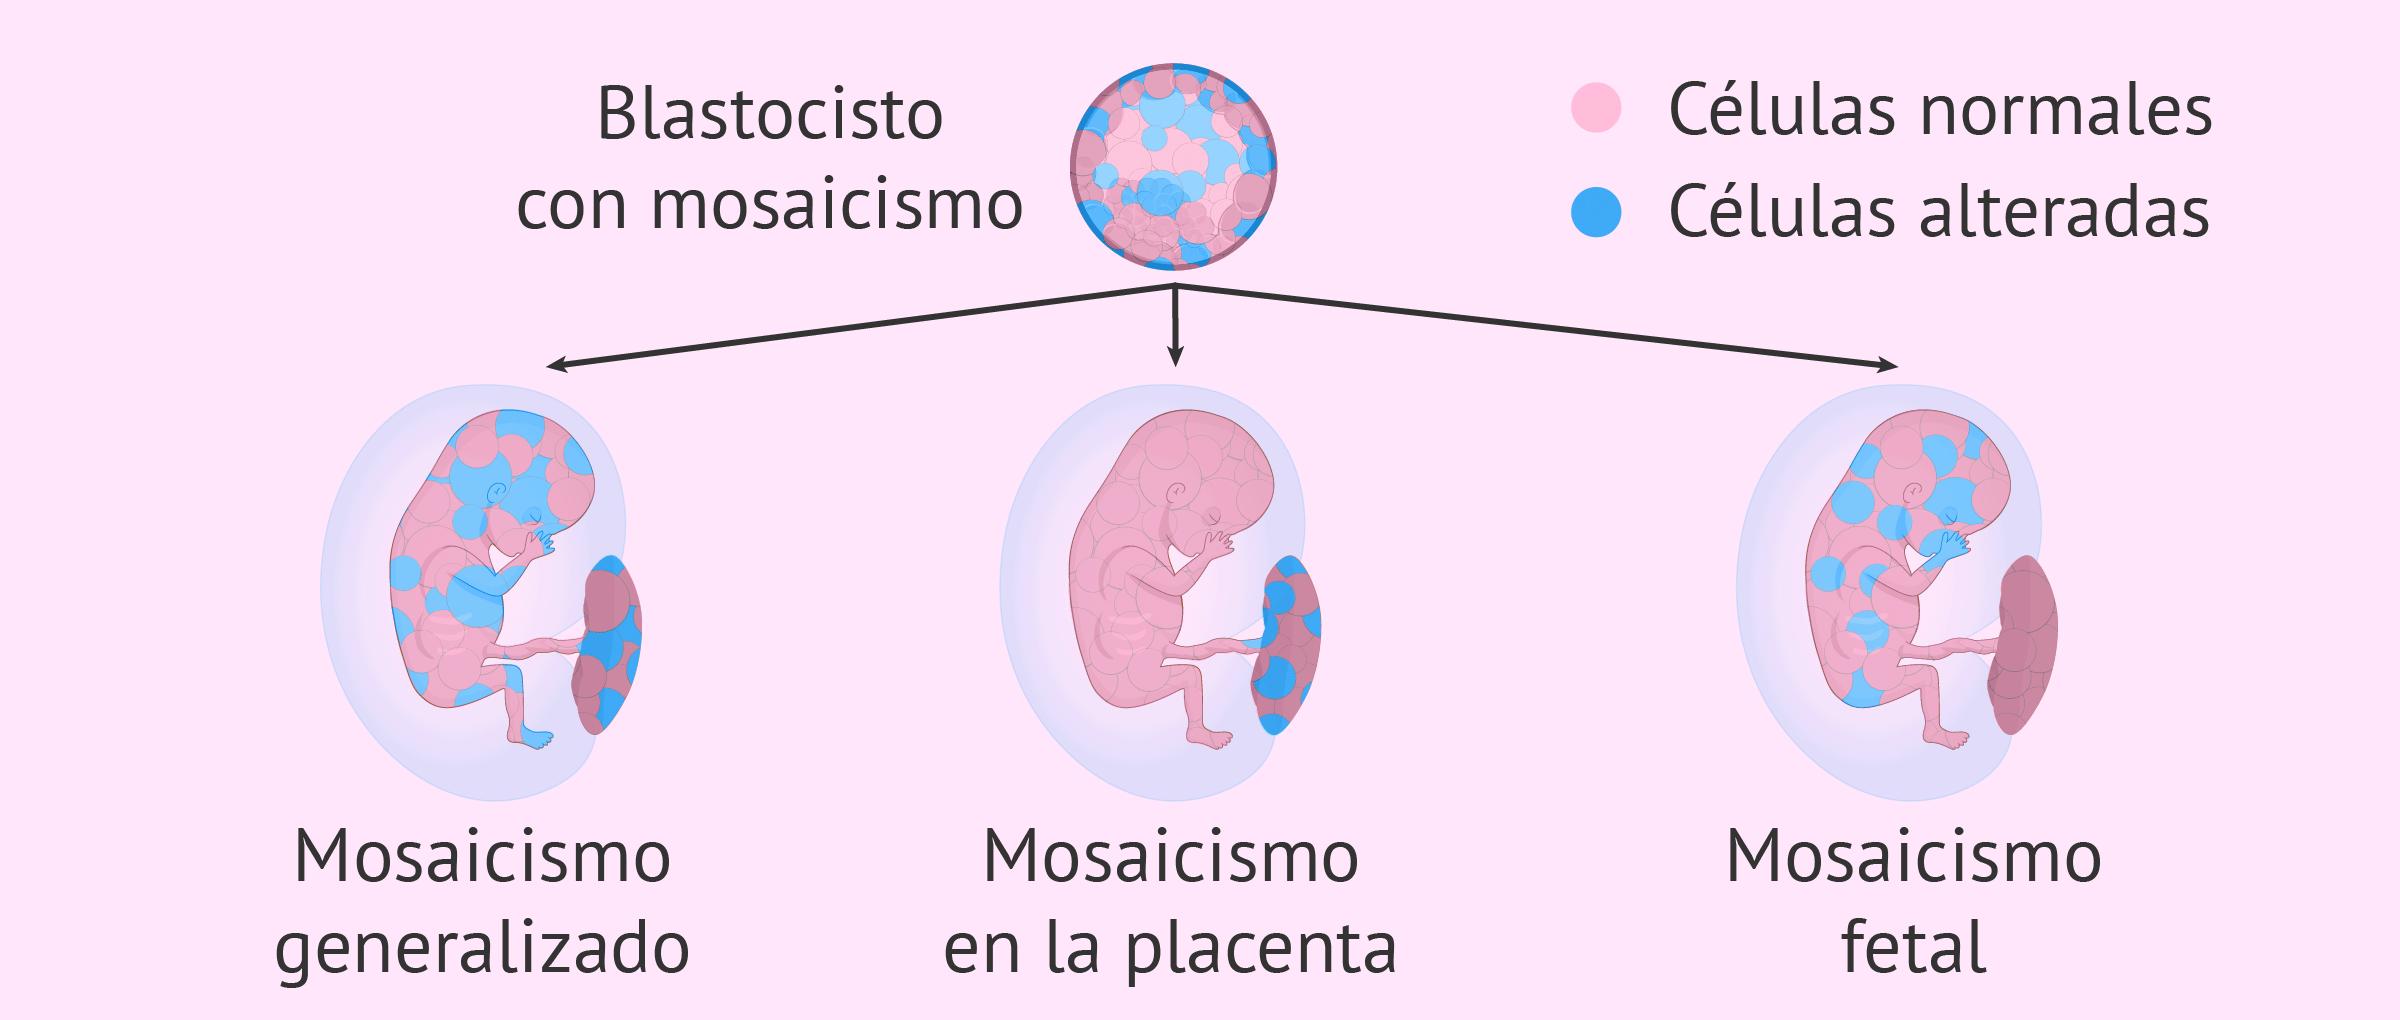 Mosaicismo confinado a la placenta